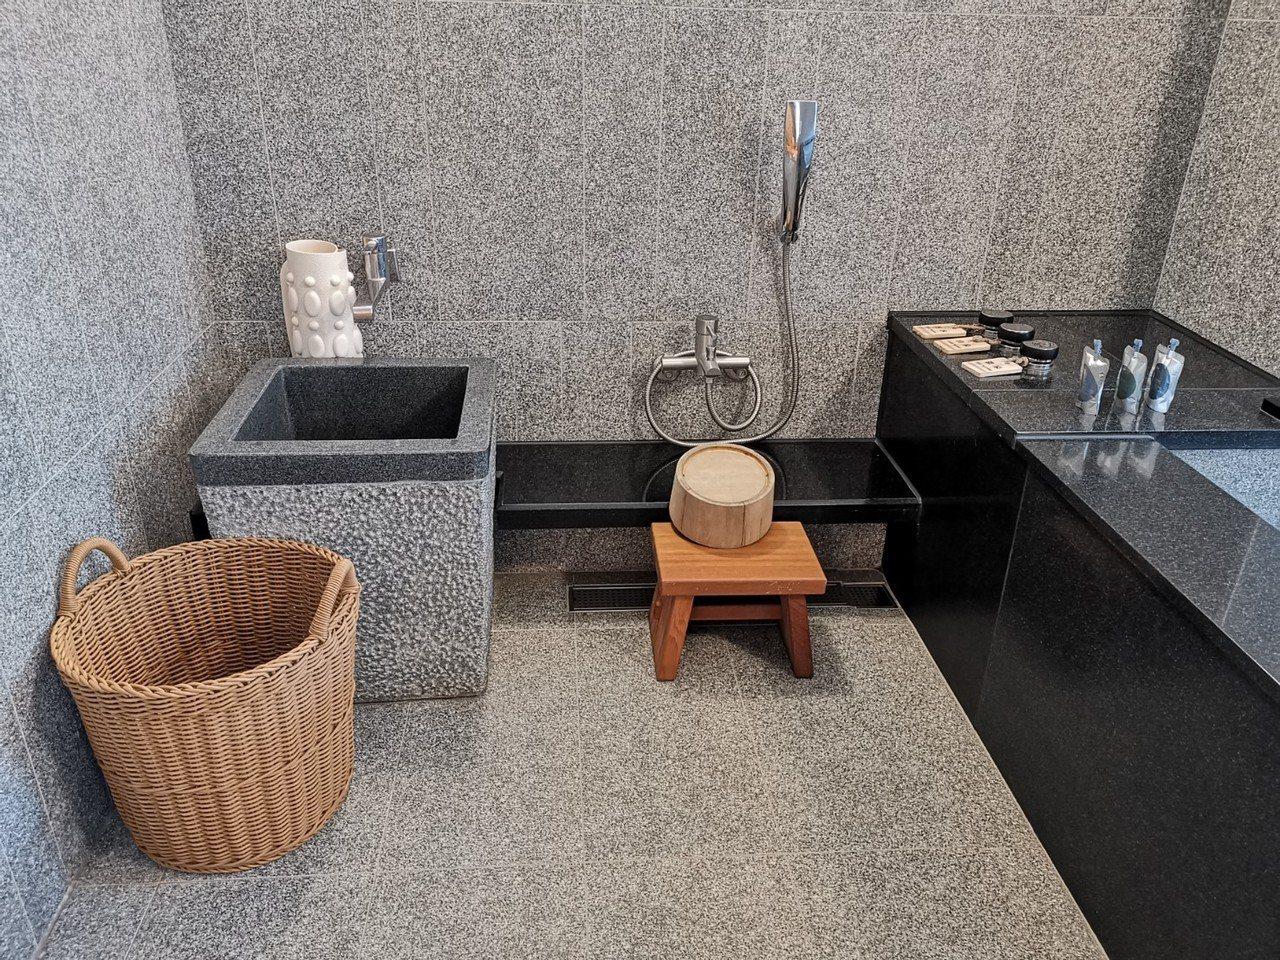 北投亞太飯店的豪華雙人套房,設有濃濃和風味的溫泉。記者韓化宇/攝影